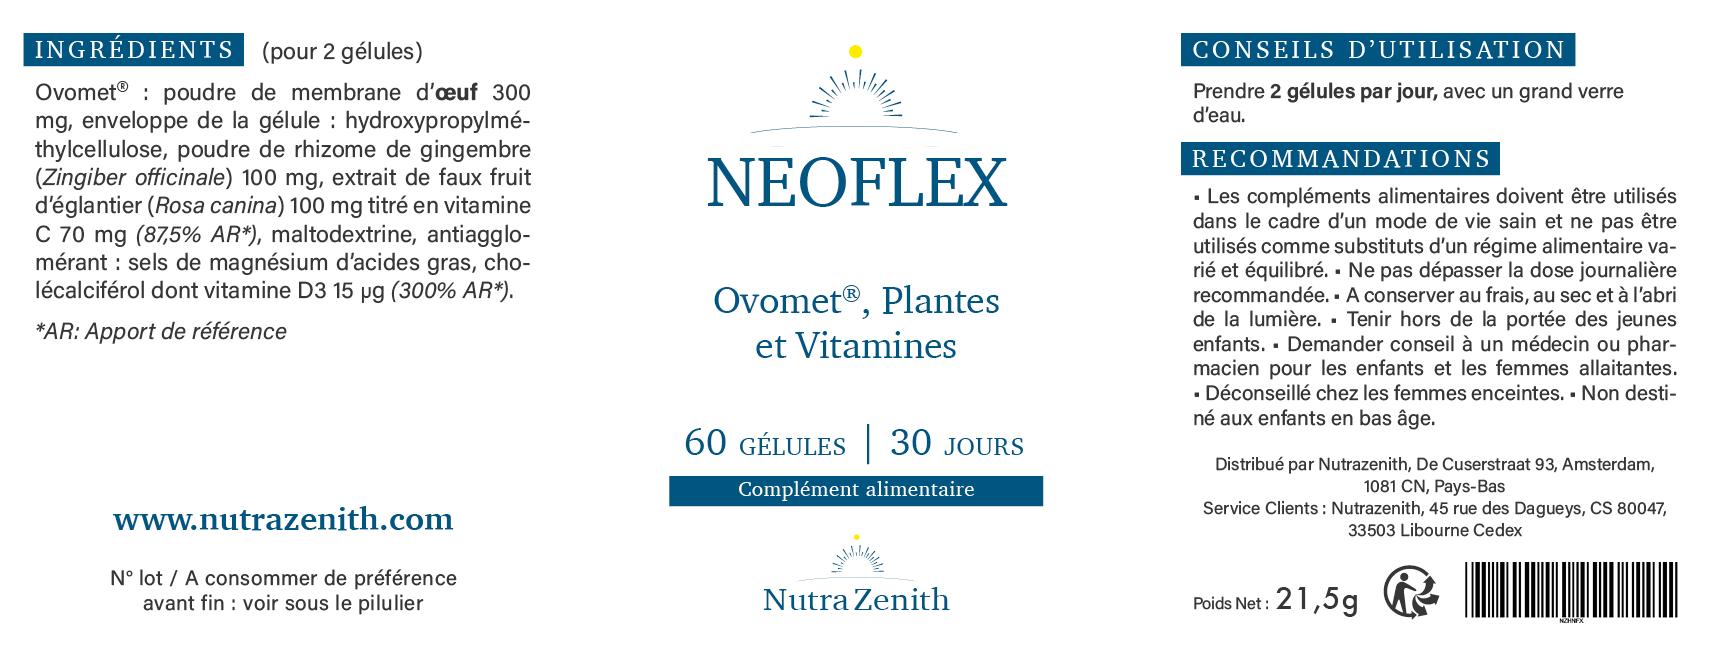 neoflex composotion